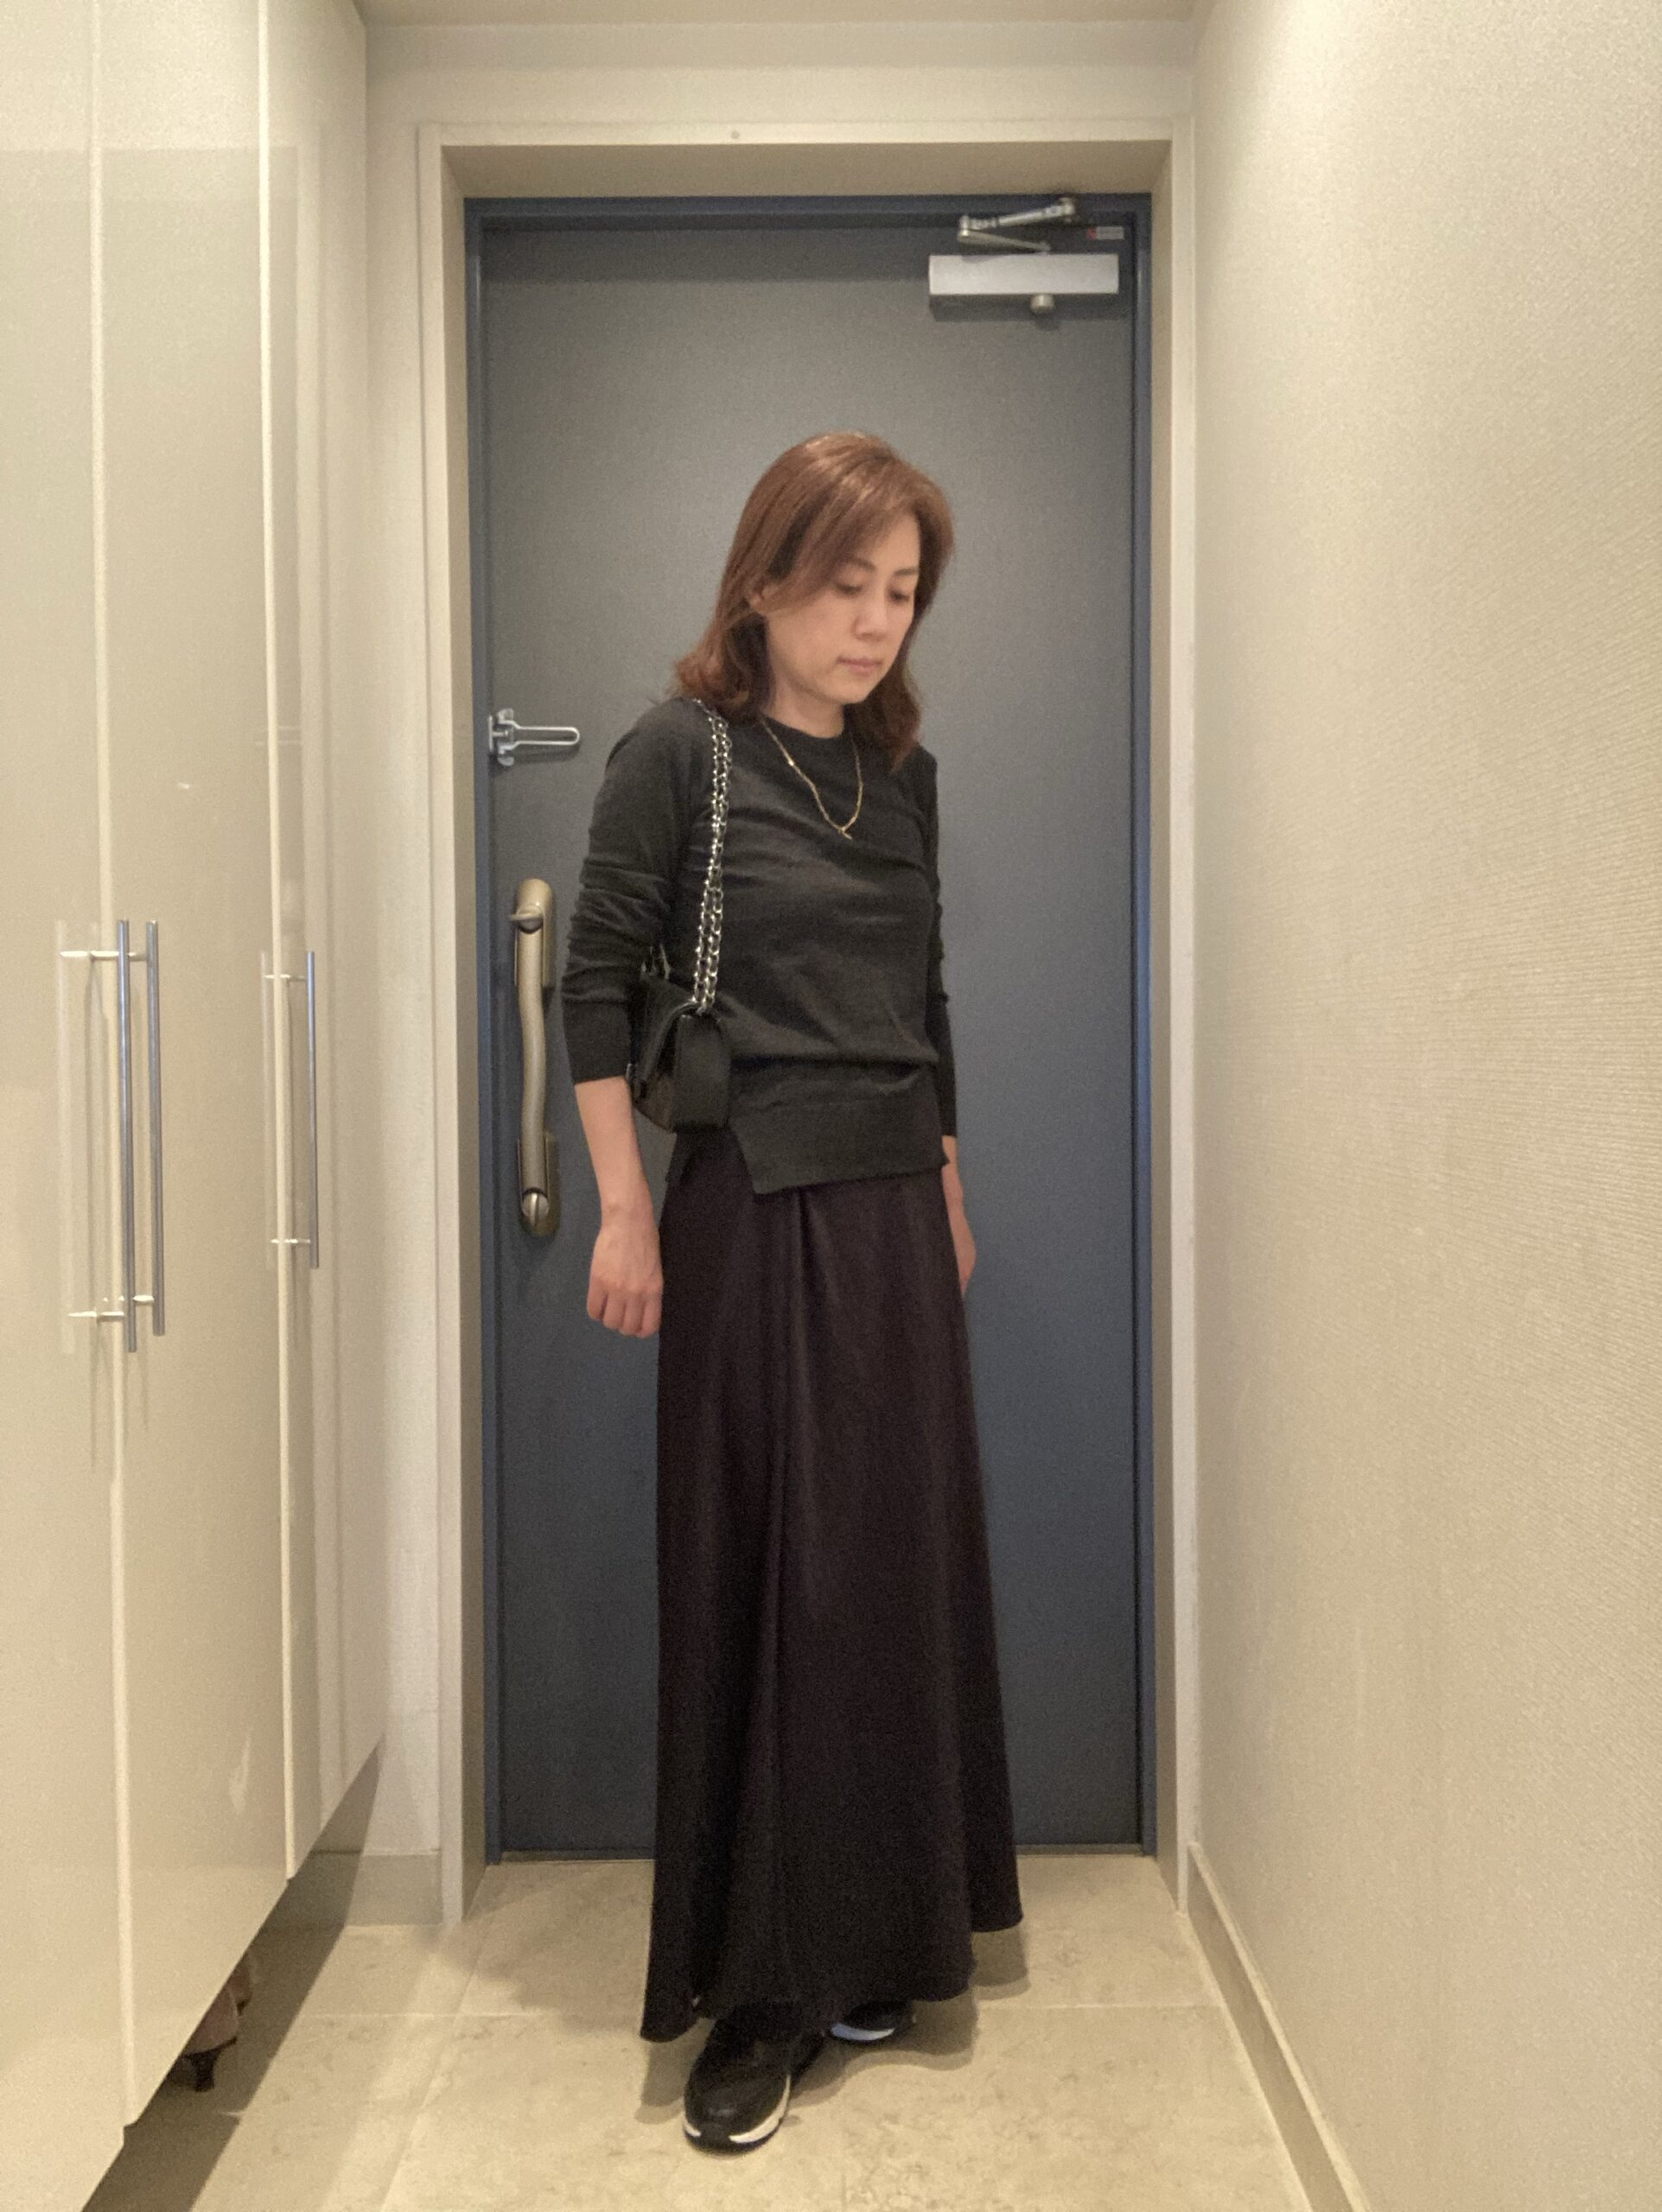 リッツ・カールトン京都のアフタヌーンティーに出かけたときの服装を撮影した写真